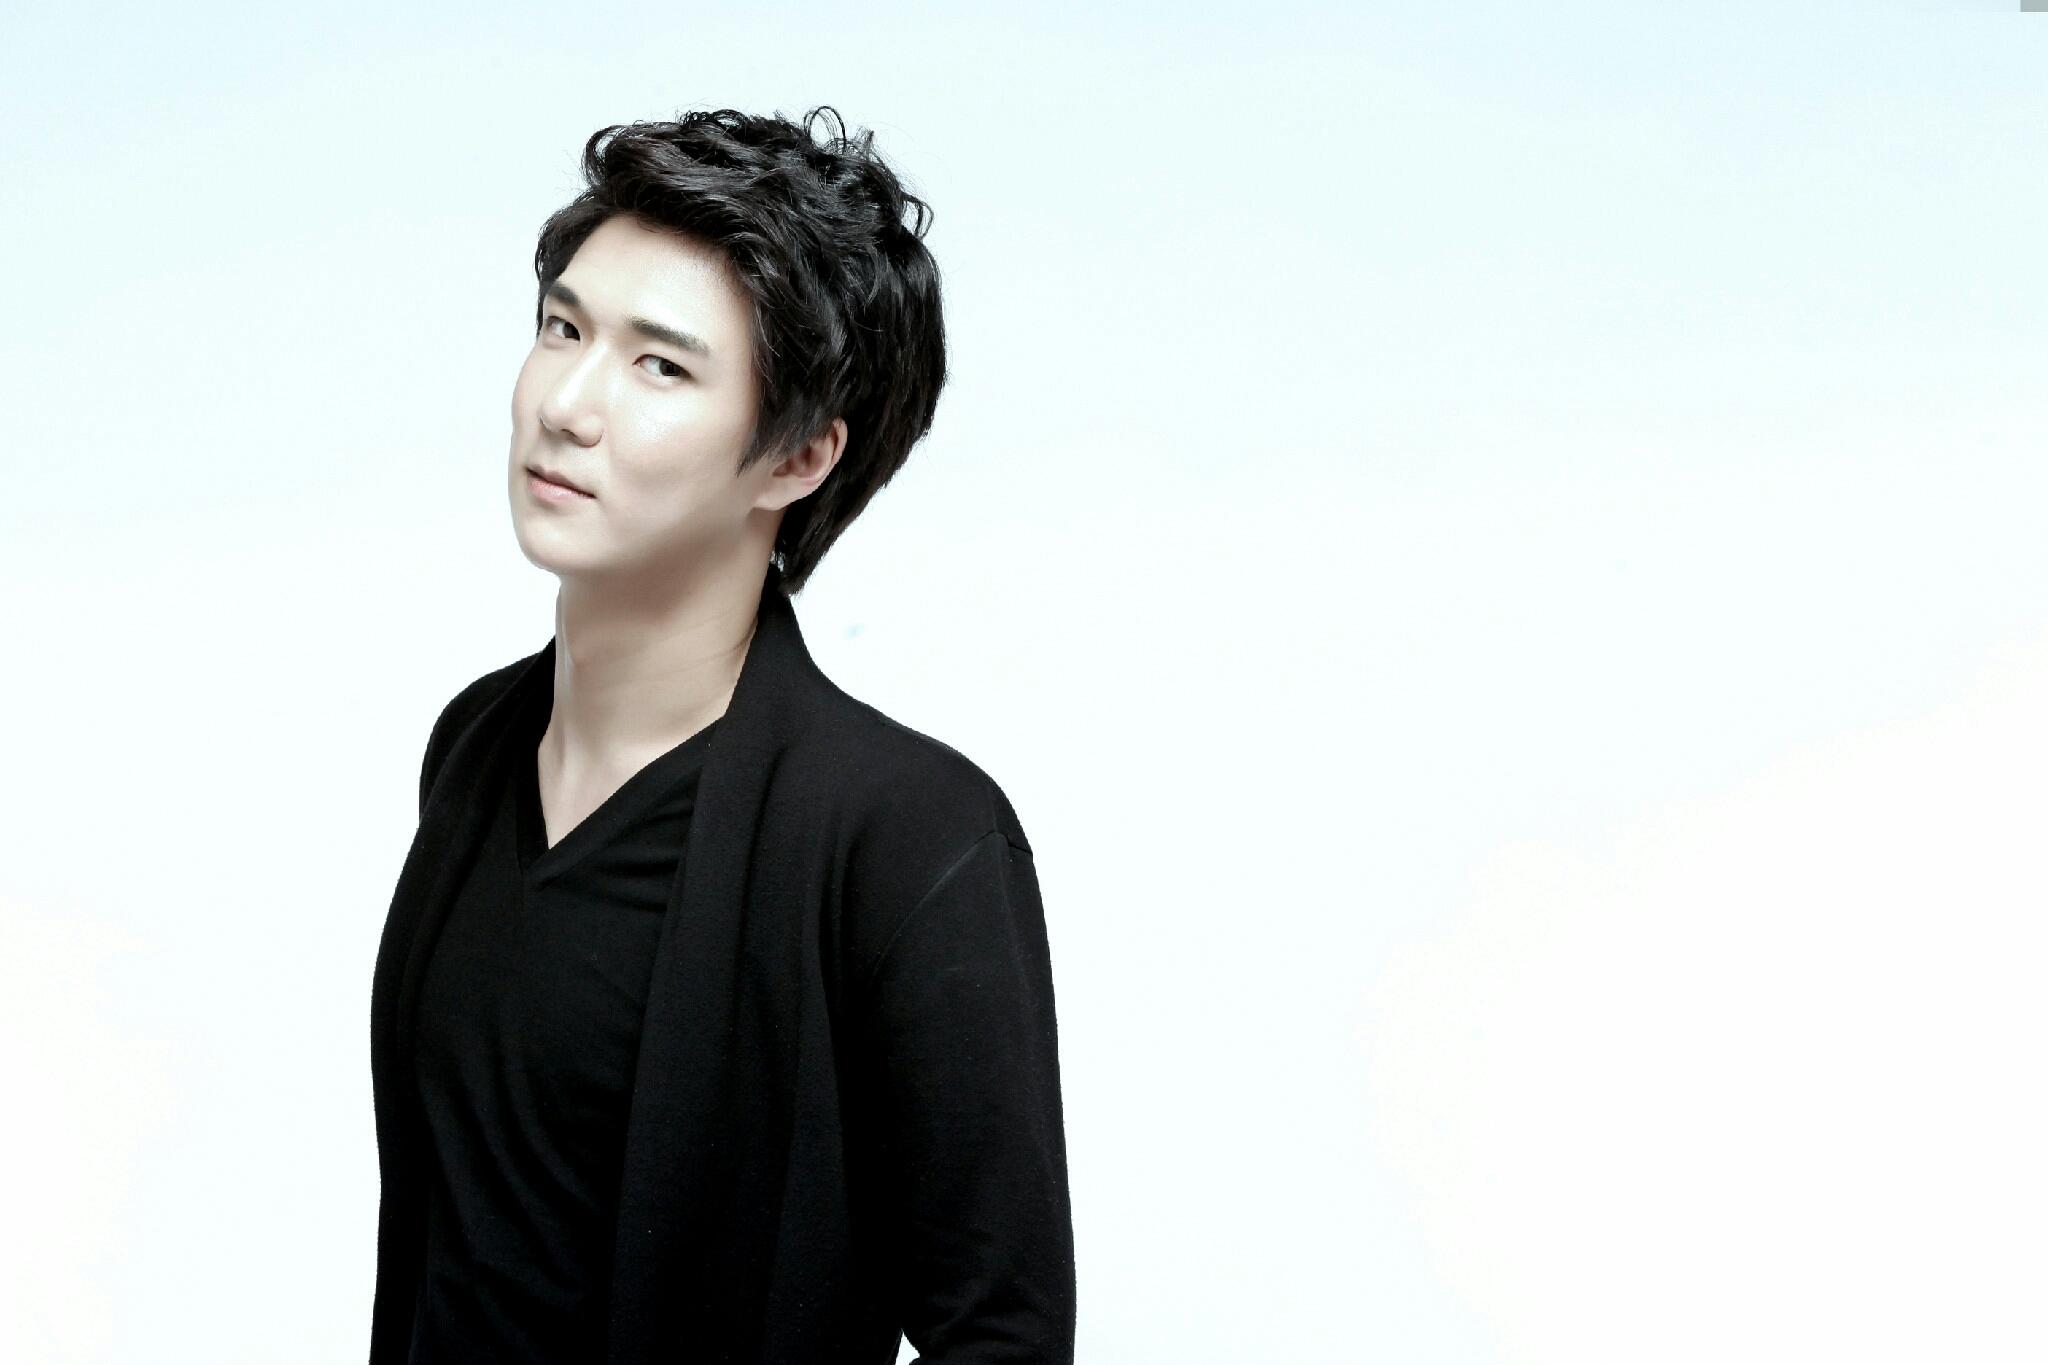 Model Factory Korean Male Model KimST